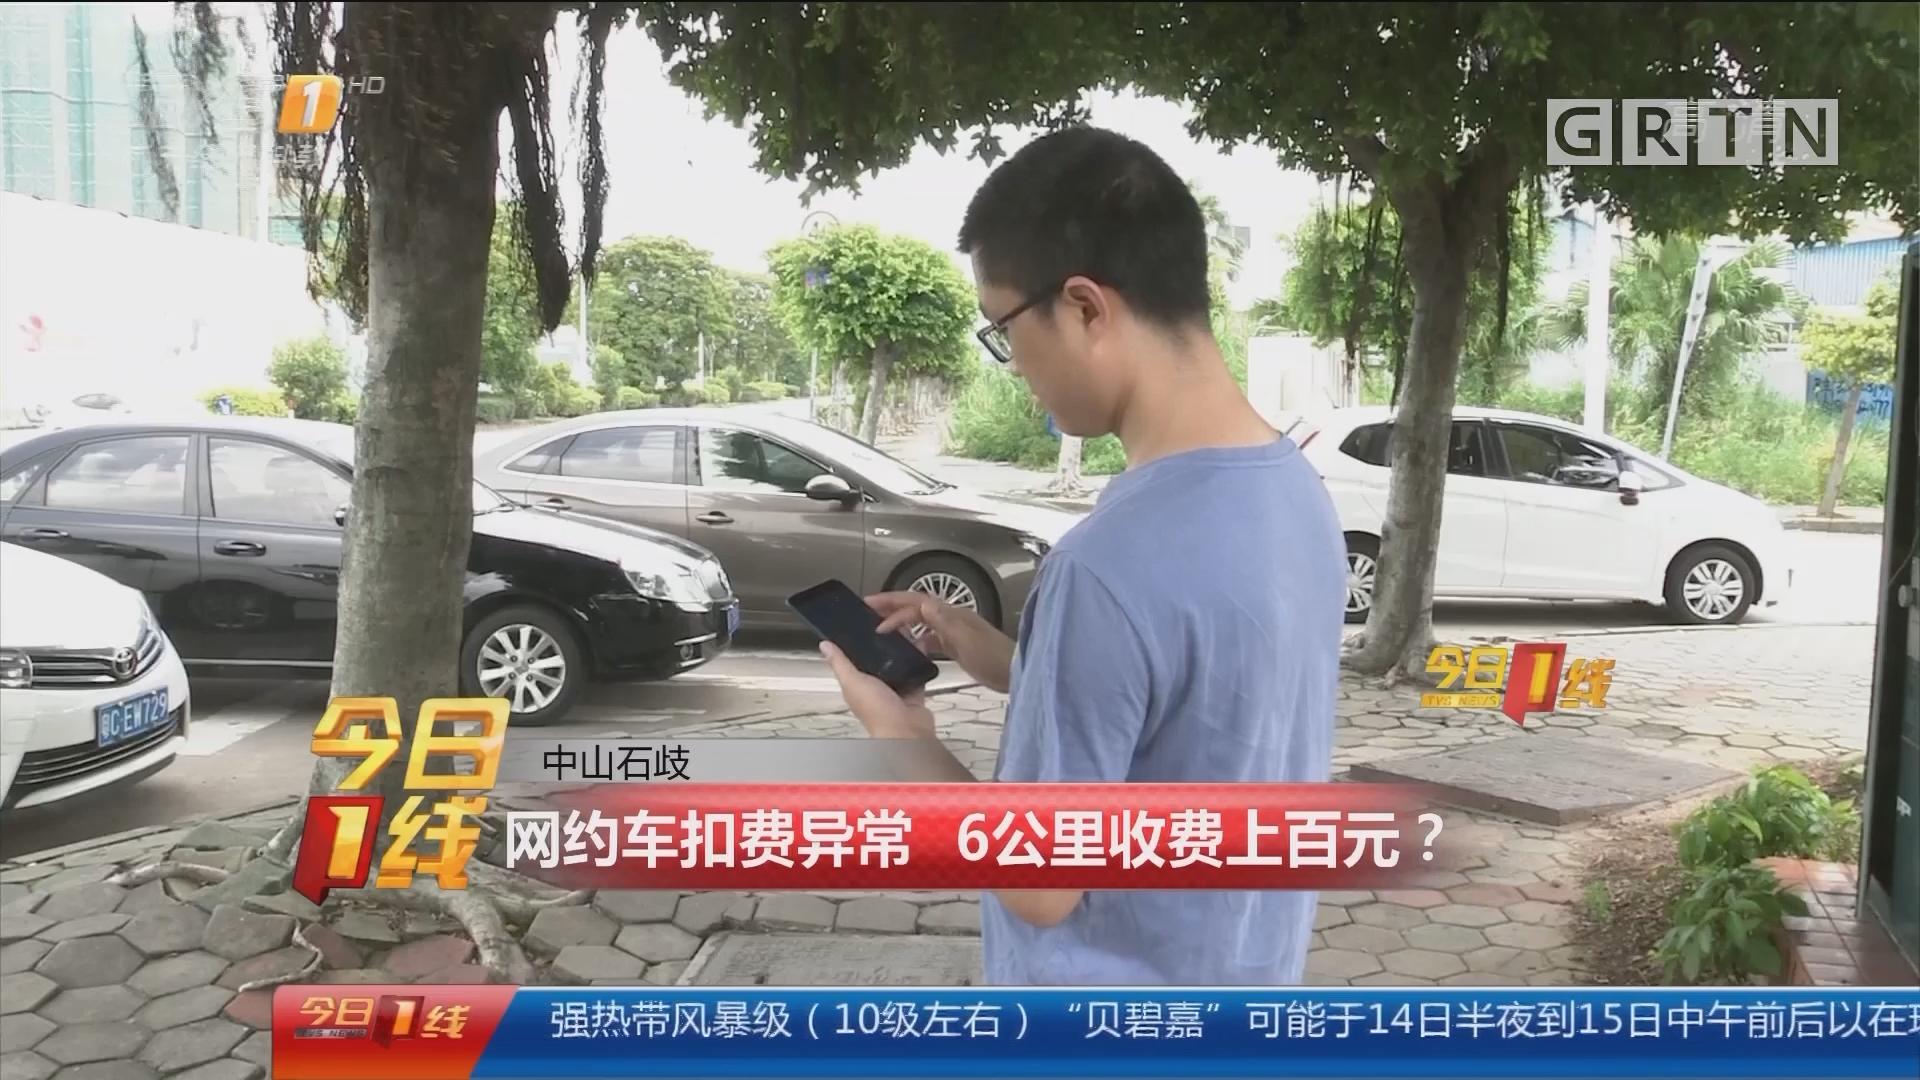 中山石歧:网约车扣费异常  6公里收费上百元?